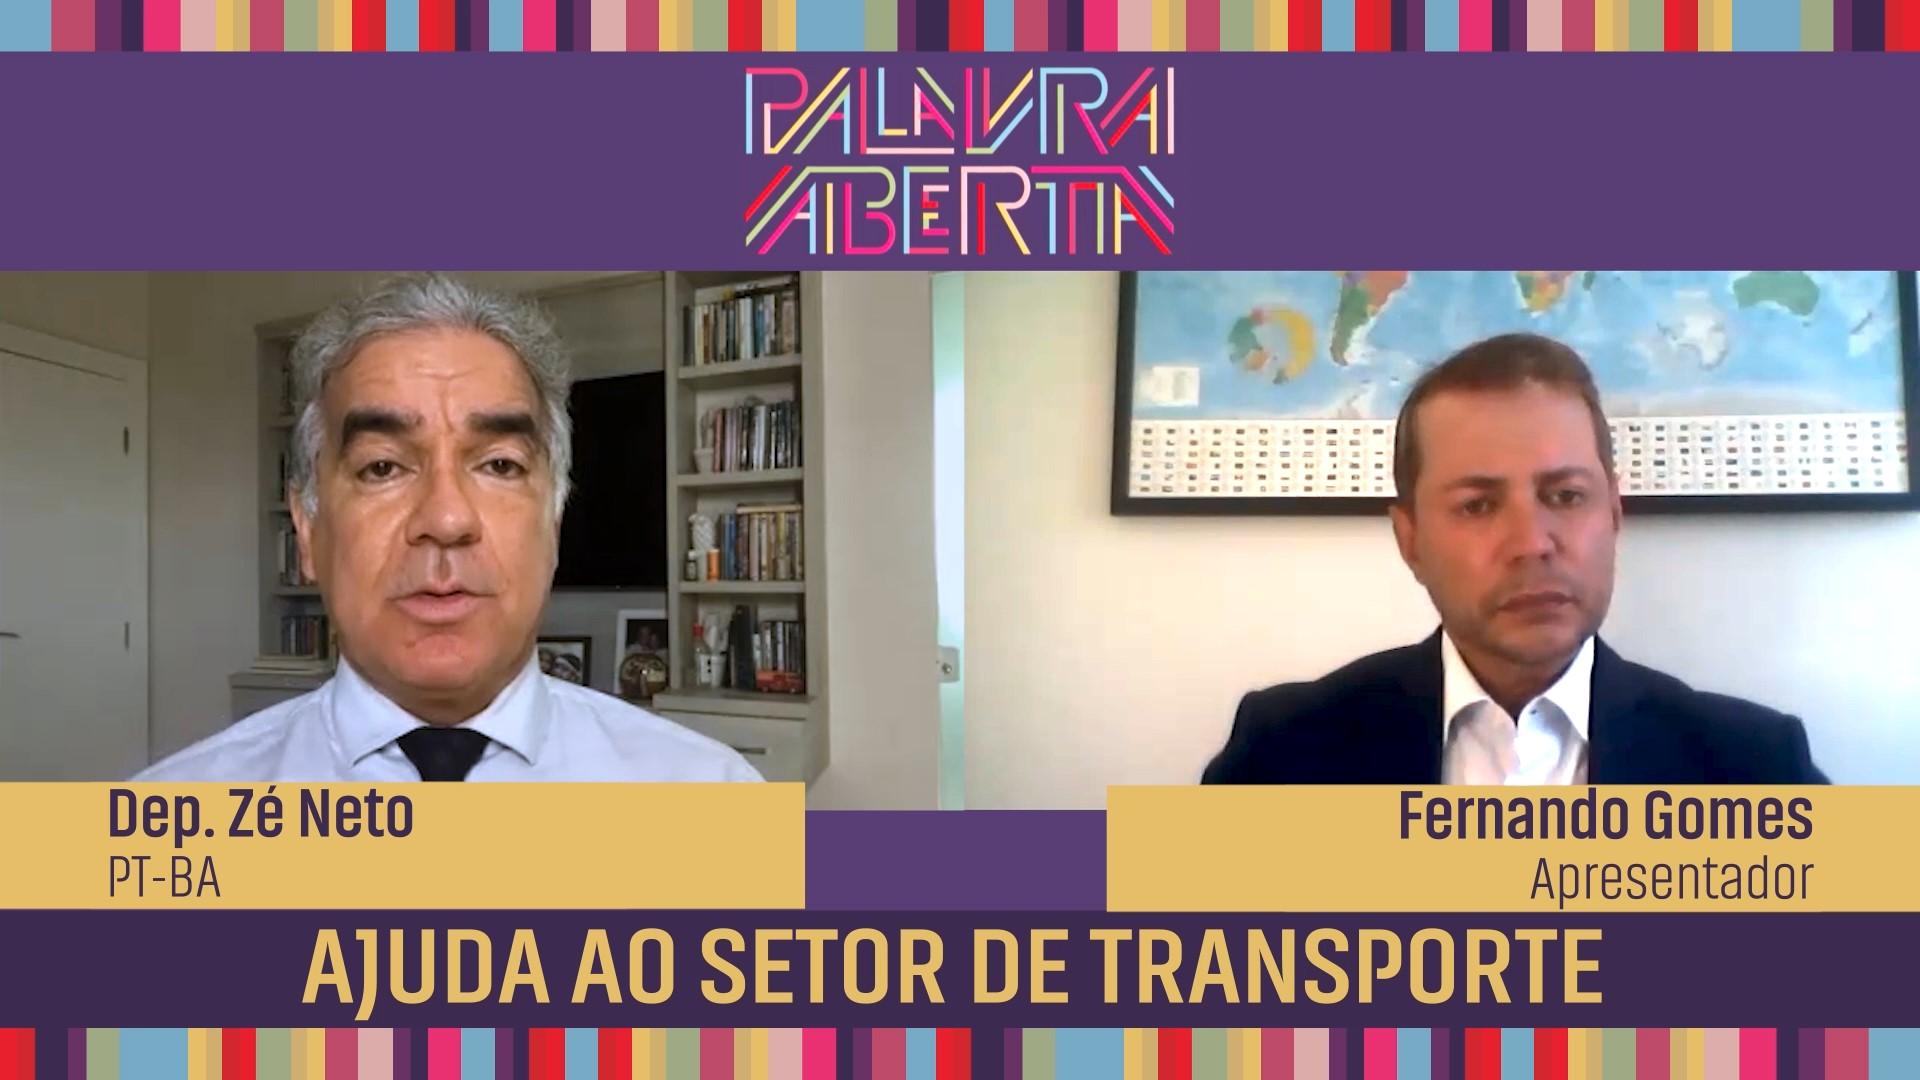 Ajuda ao setor de transporte